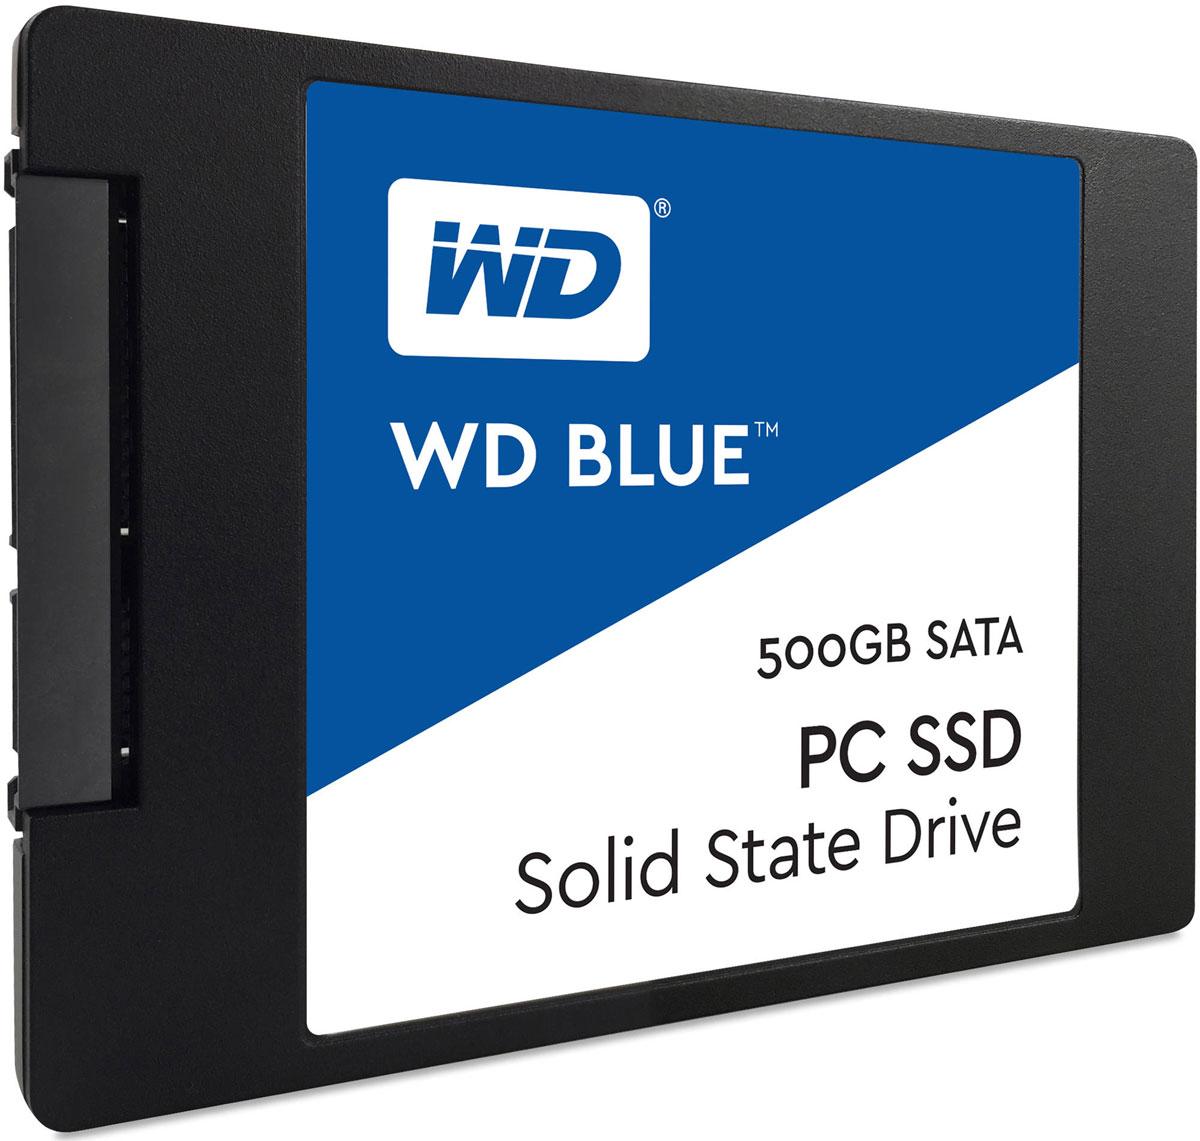 WD Blue 500GB SSD-накопитель (WDS500G1B0A)WDS500G1B0AТвердотельный накопитель WD Blue отличается высоким быстродействием и обеспечивает эффективное хранение данных наряду с высокой скоростью передачи и ведущей в отрасли надежностью.Оптимизированные для параллельного выполнения нескольких задач твердотельные накопители WD Blue позволяют с легкостью запускать несколько ресурсоемких приложений одновременно.Твердотельные накопители WD Blue доступны в формфакторах 2,5 дюйма (7 мм) и M.2 2280 для самых тонких и компактных компьютеров, что позволяет комплектовать ими большинство ноутбуков и настольных ПК. Доступная для скачивания панель мониторинга твердотельных накопителей WD содержит набор инструментов, с помощью которых можно в любой момент проверить работоспособность твердотельного накопителя.Благодаря сертификации WD F.I.T. Lab на совместимость с широким спектром ноутбуков и настольных ПК вы можете быть полностью уверены, что накопитель WD Blue подходит вам идеально.На каждый твердотельный накопитель WD Blue предоставляется 3-летняя ограниченная гарантия, которая застрахует ваш накопитель WD при хранении любых данных.